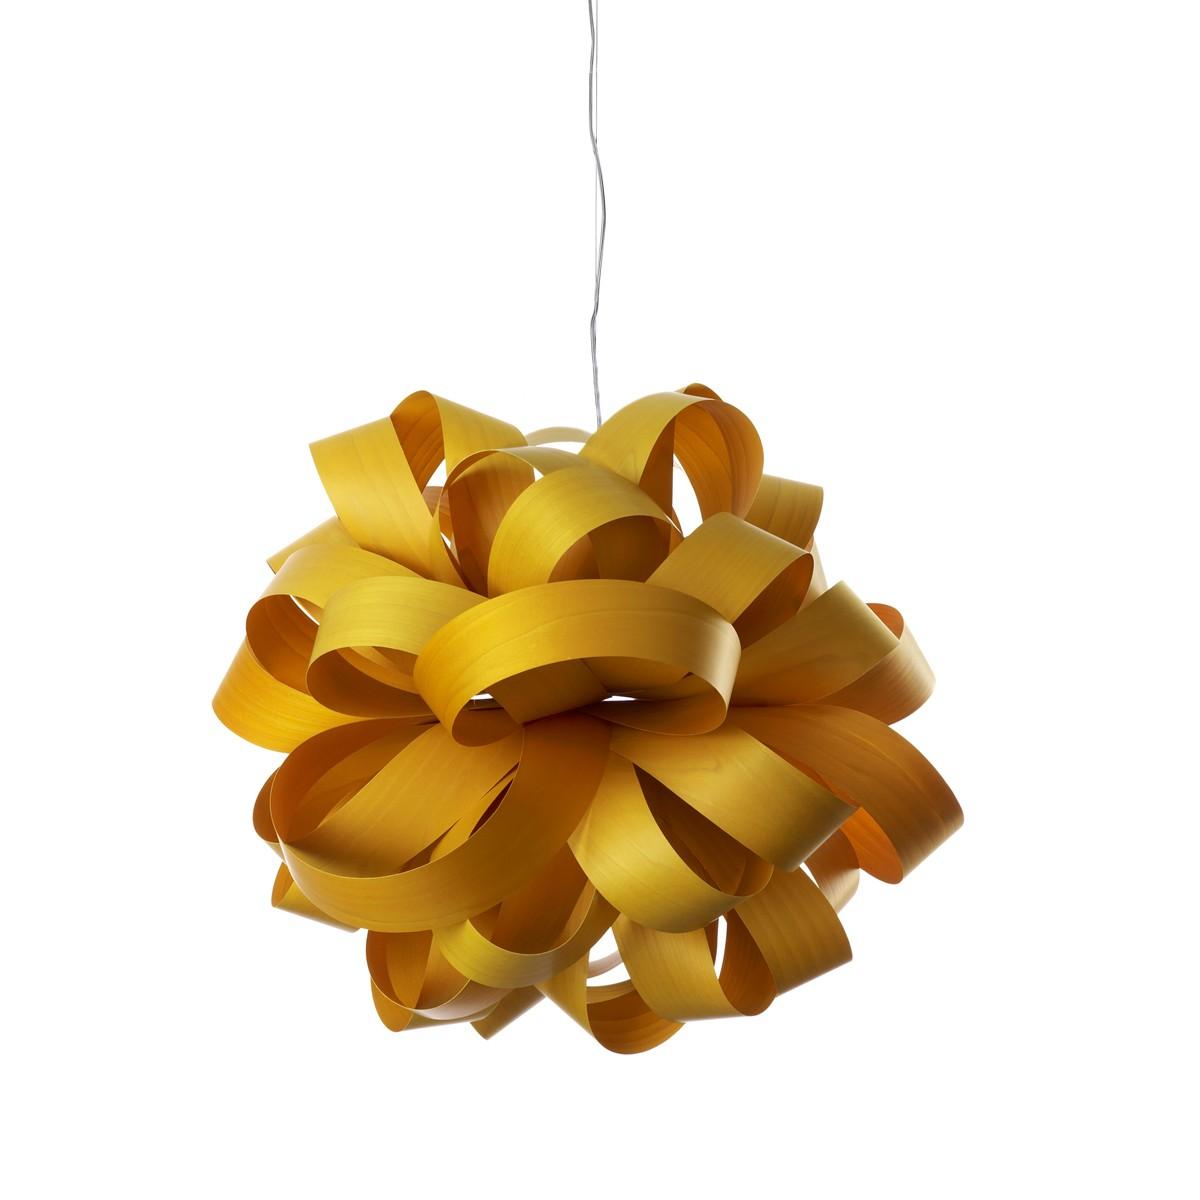 LZF Lamps Agatha Ball Pendelleuchte, gelb